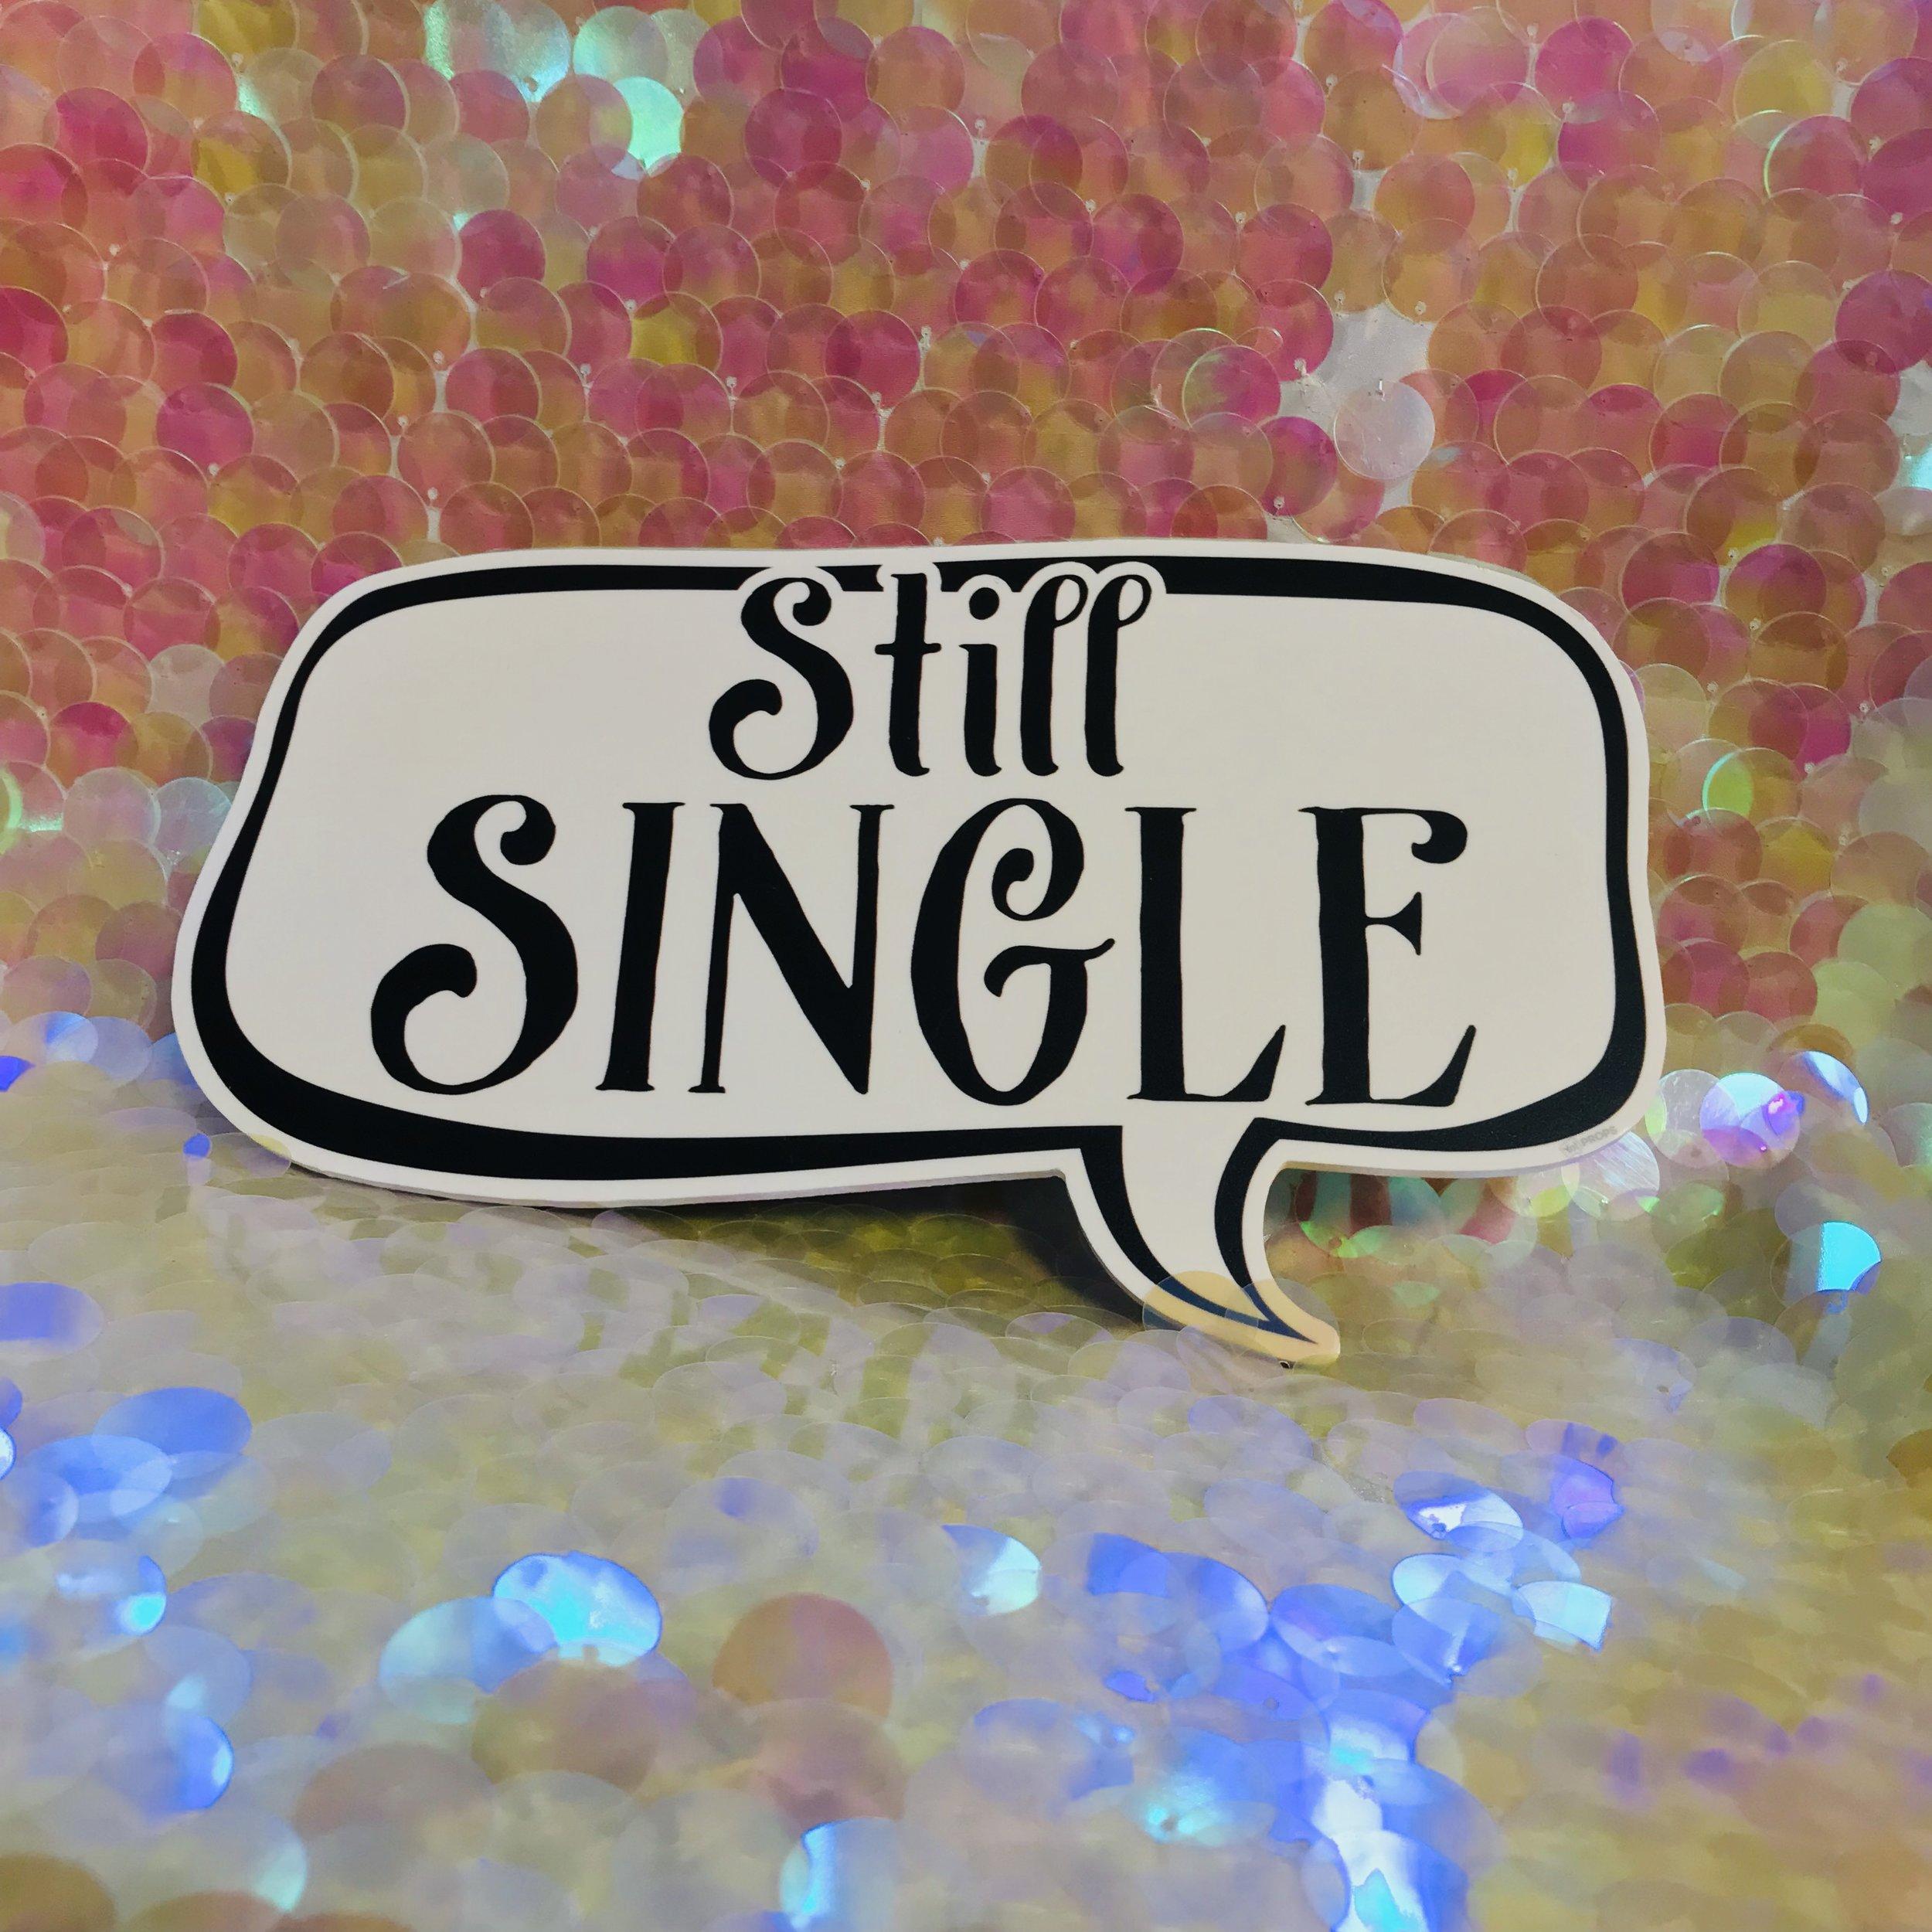 Still Single.jpg